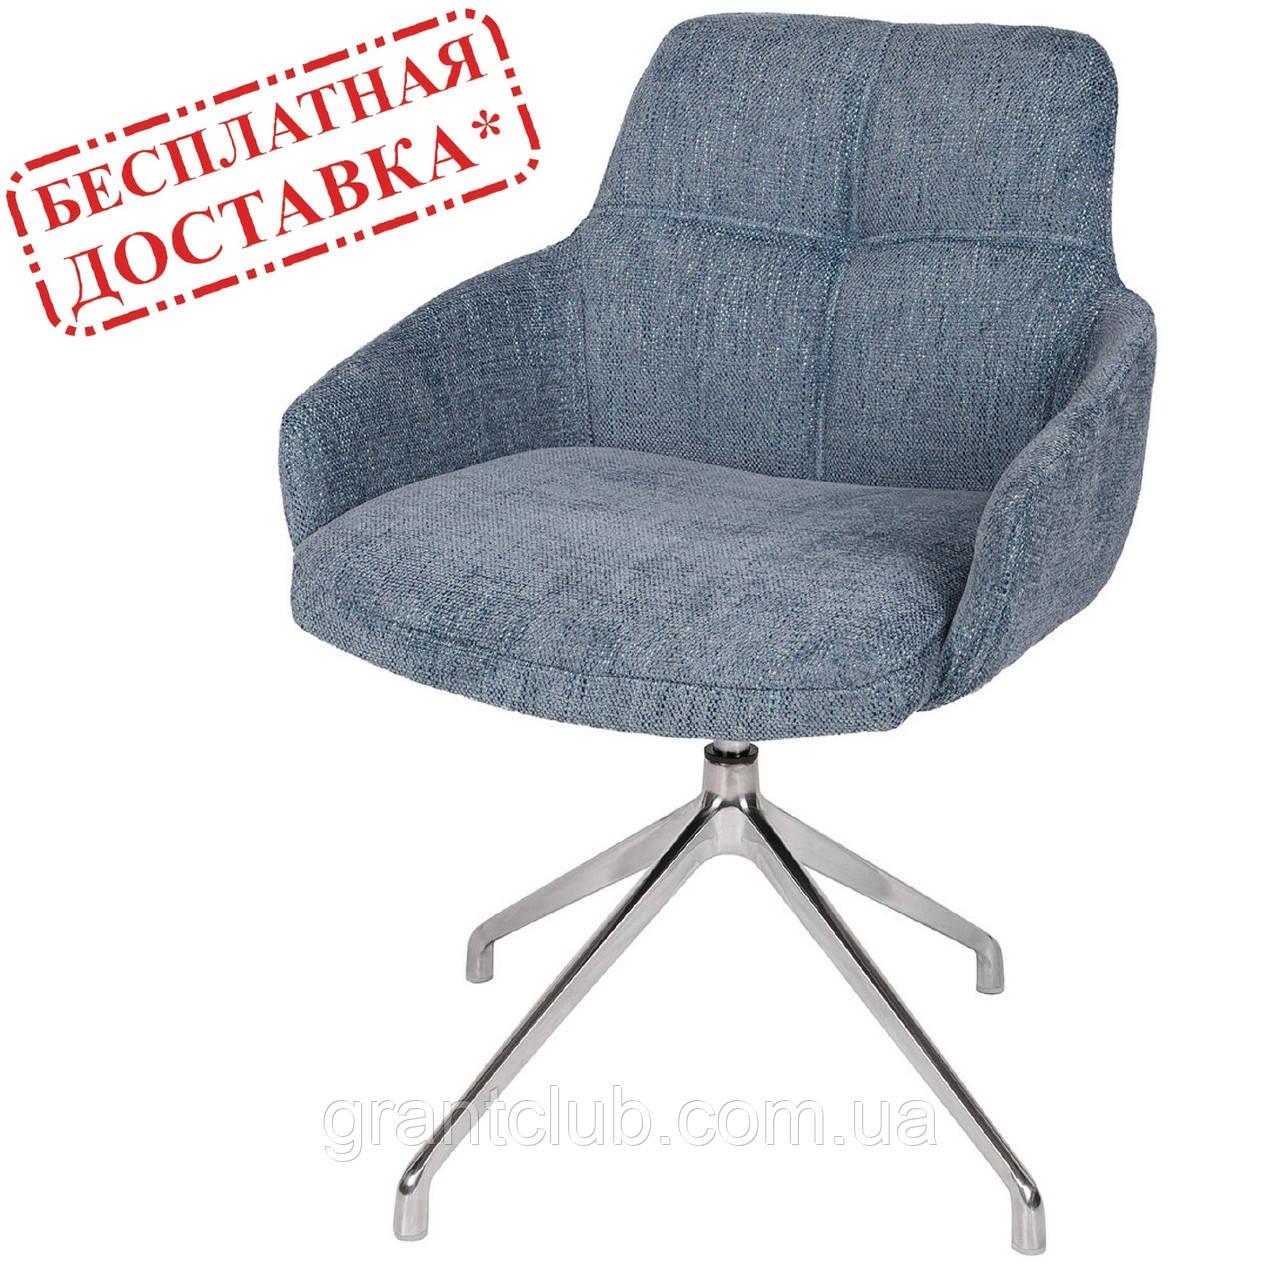 Кресло поворотное OLIVA синий (бесплатная доставка)